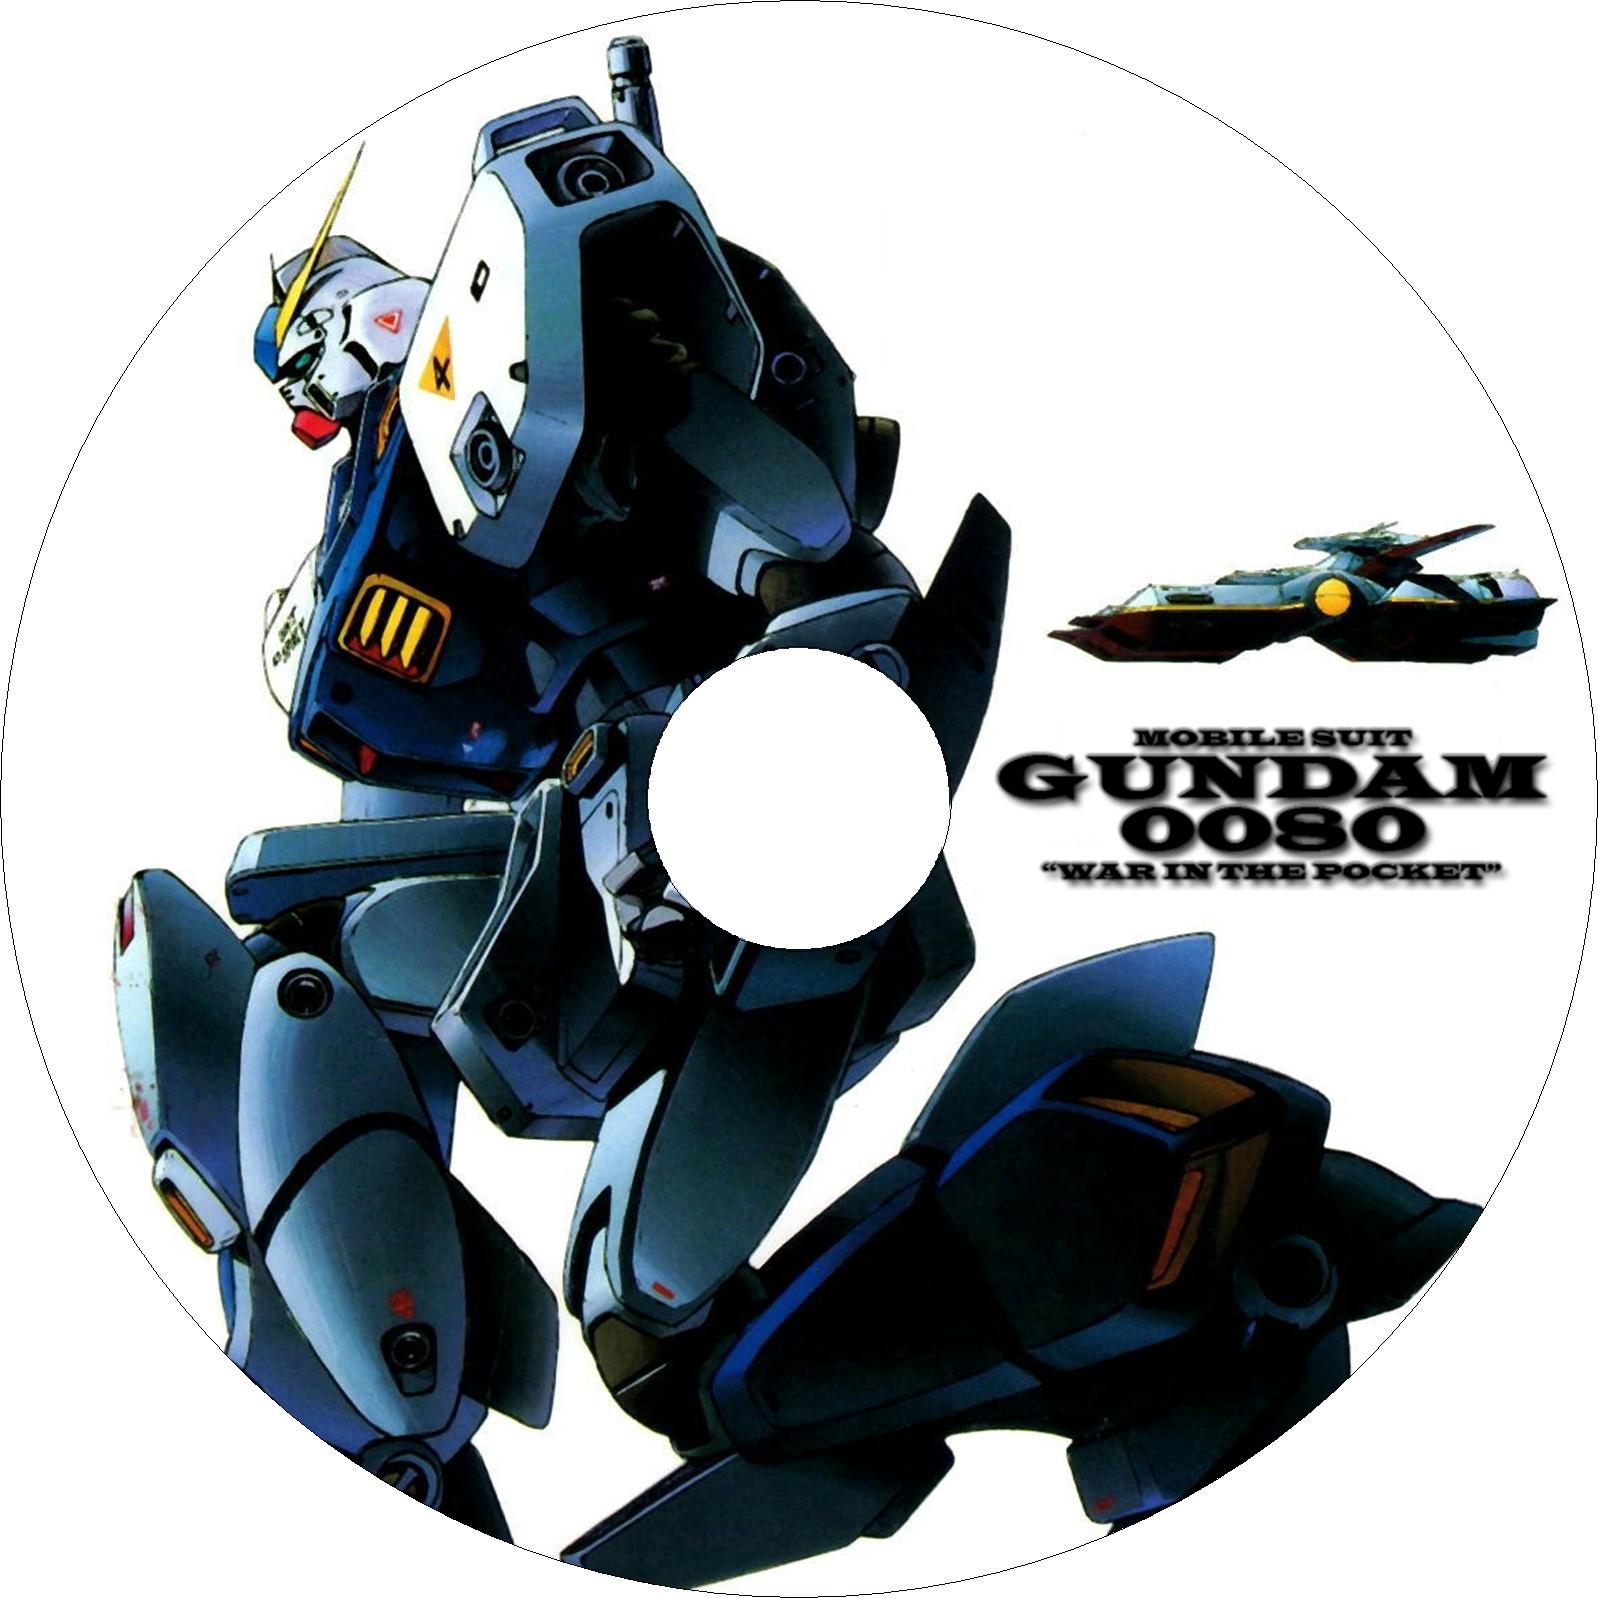 機動戦士ガンダム0080 ポケットの中の戦争 ラベル(汎用)Ⅰ